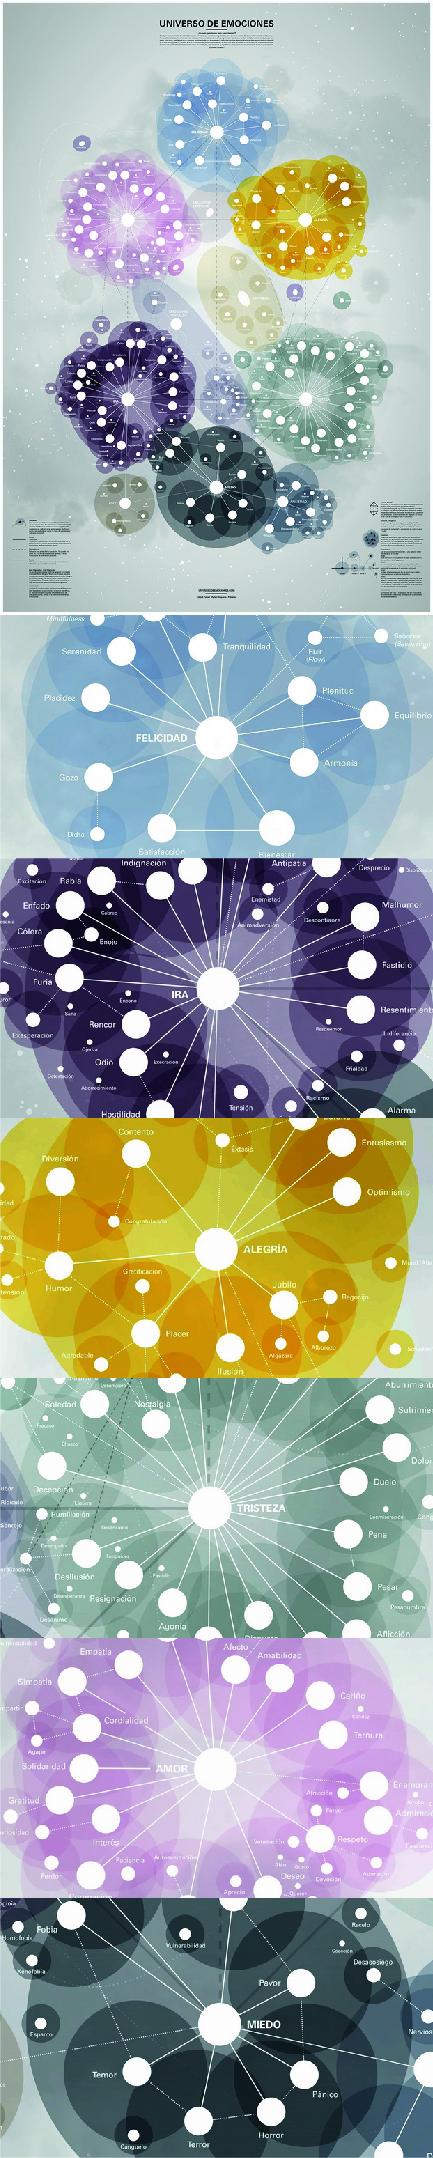 #EduardPunset, el profesor Rafael Bisquerra y el estudio #PalauGea han creado Universo de Emociones, un intuitivo mapa sobre nuestra mente. #mapaconceptual #emociones #gráfico